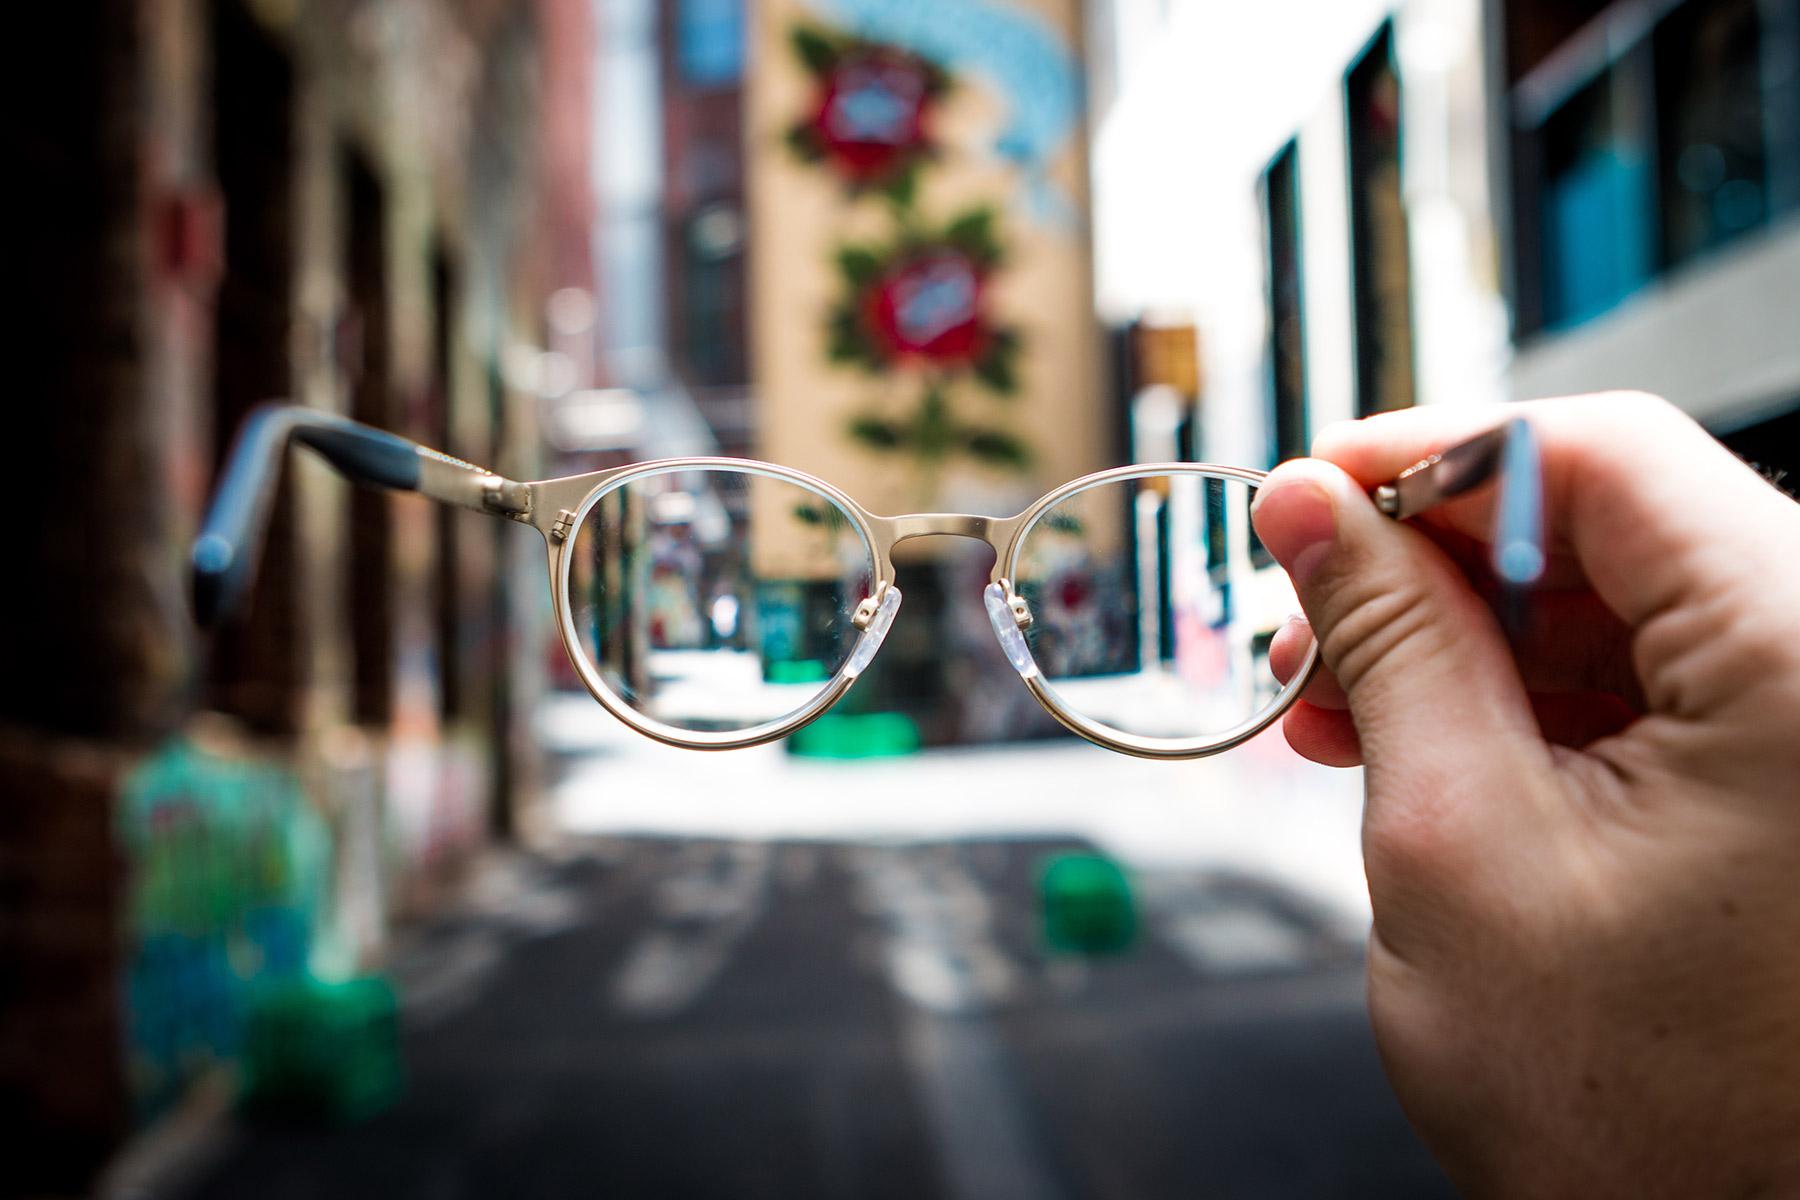 okulary-trzymane-w-ręce-ulica